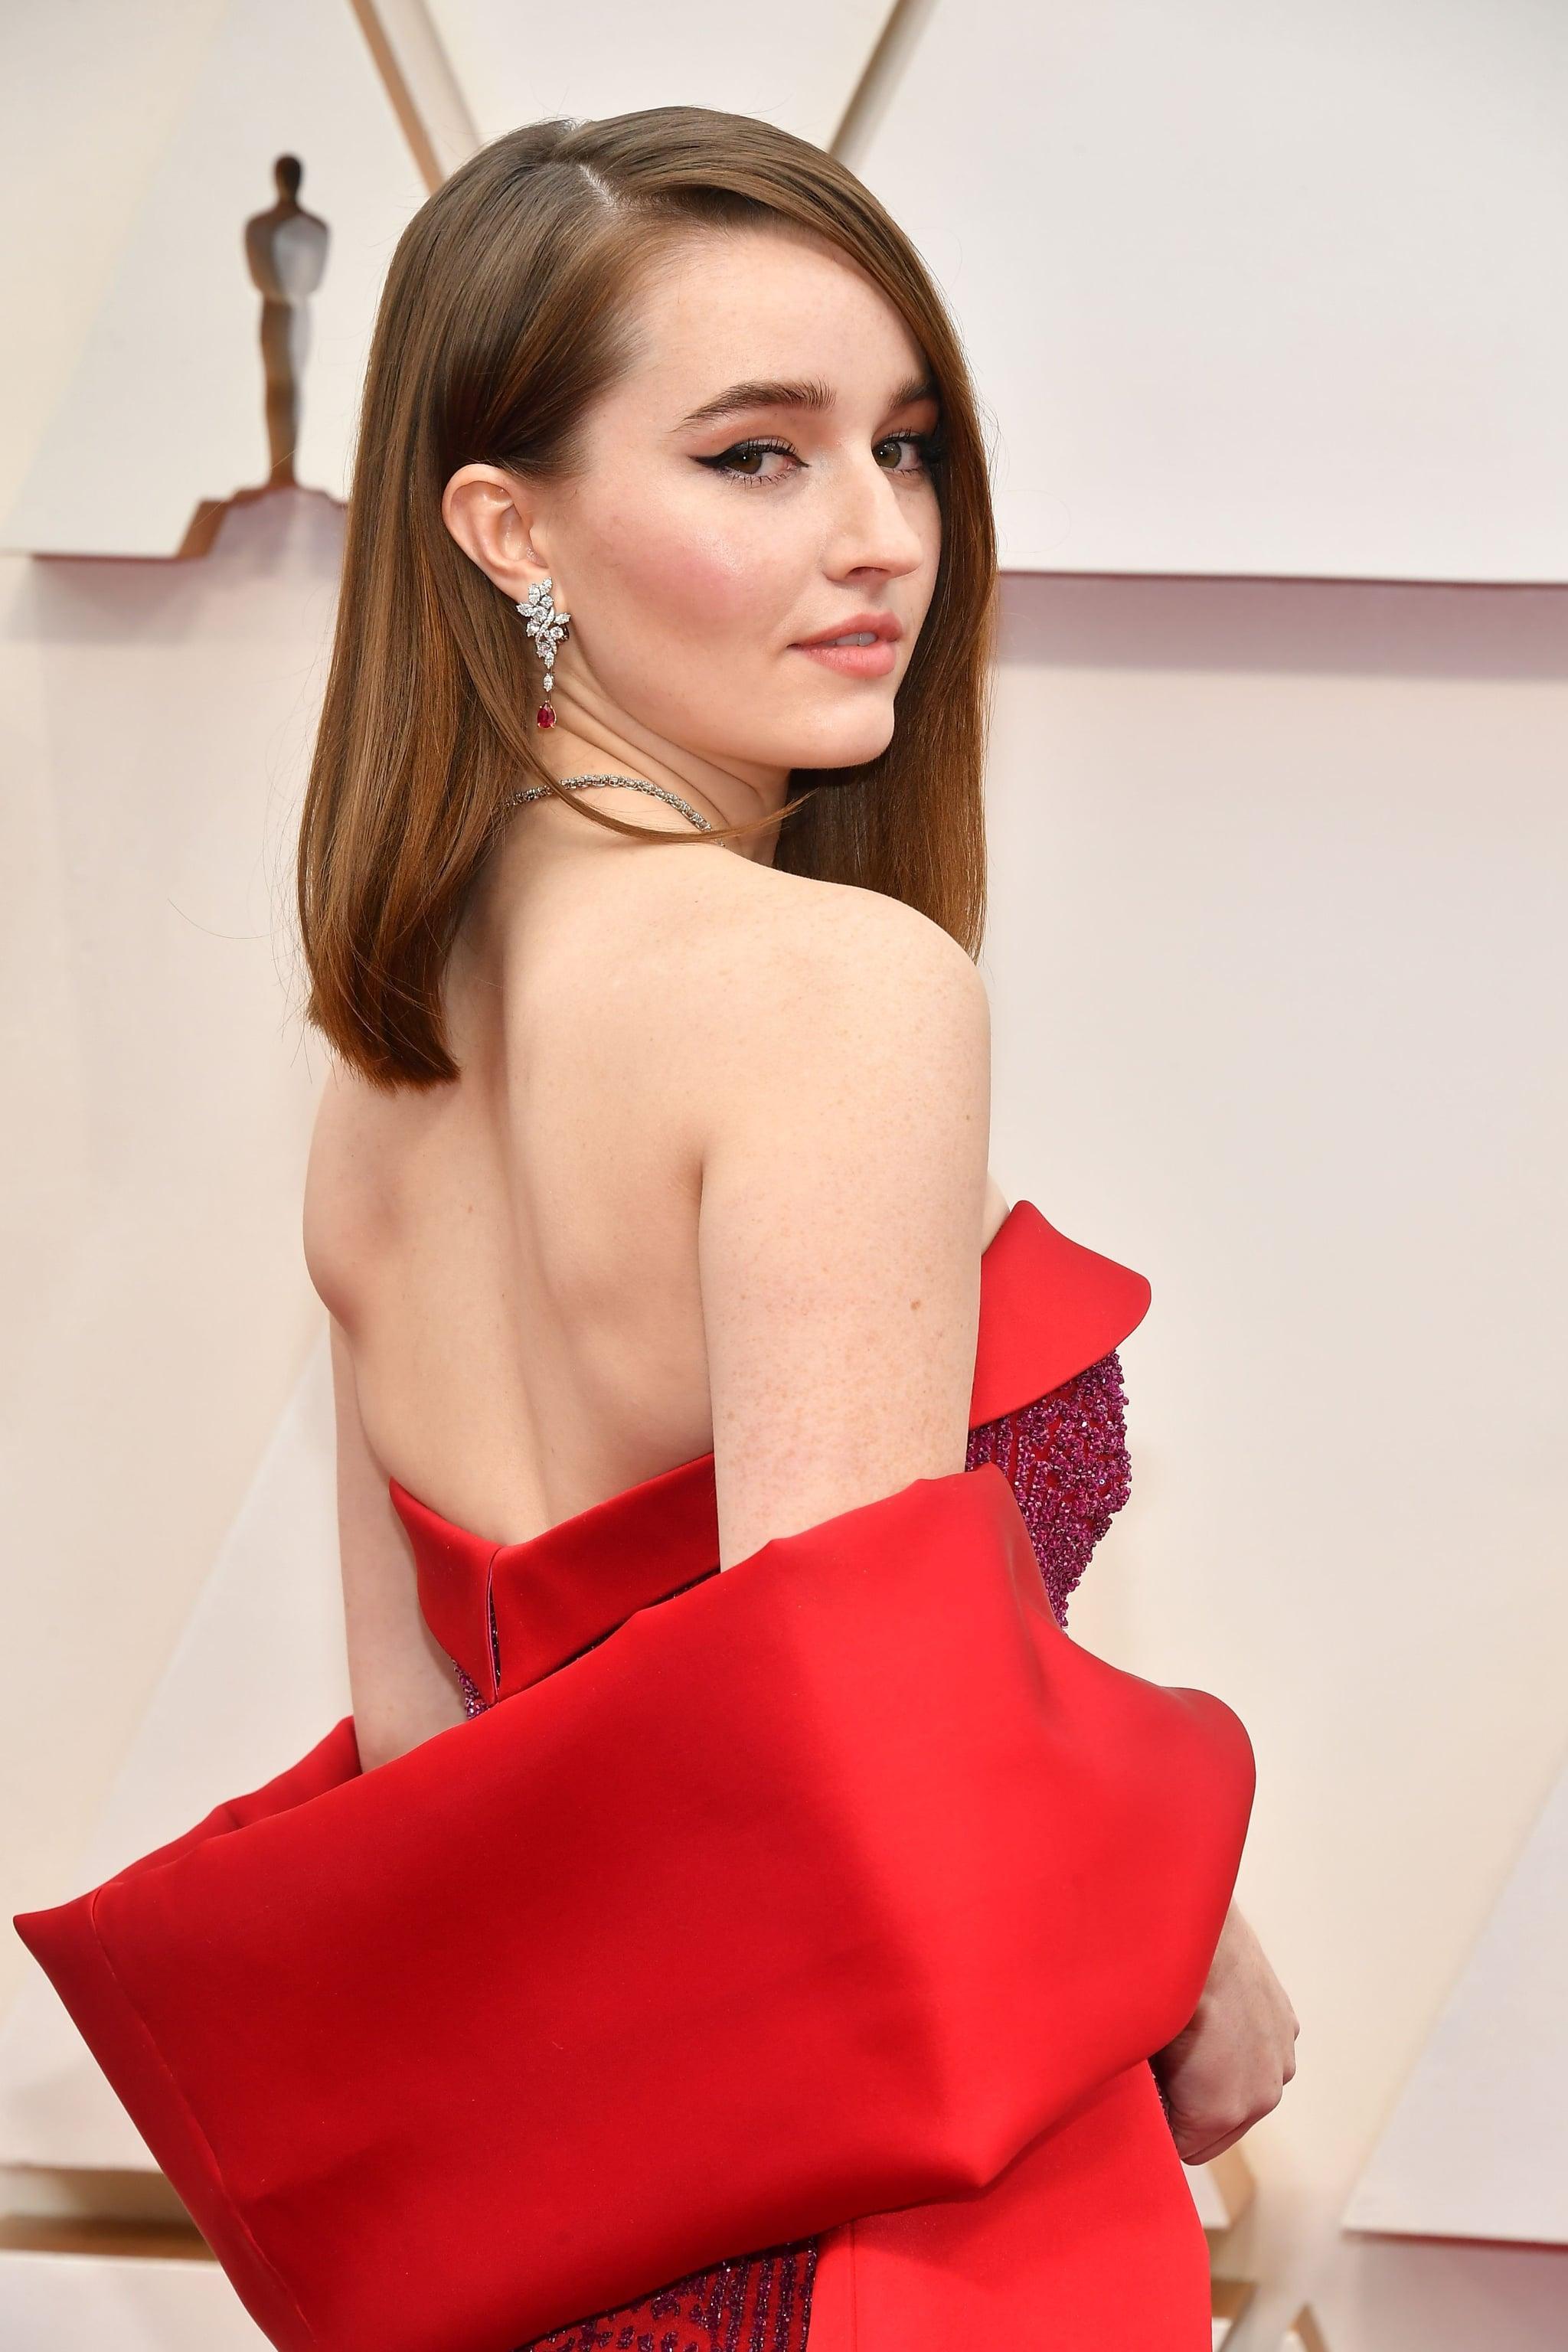 Kaitlyn Dever quyến rũ với phong cách trang điểm và làm tóc trên thảm đỏ Oscar 2020.